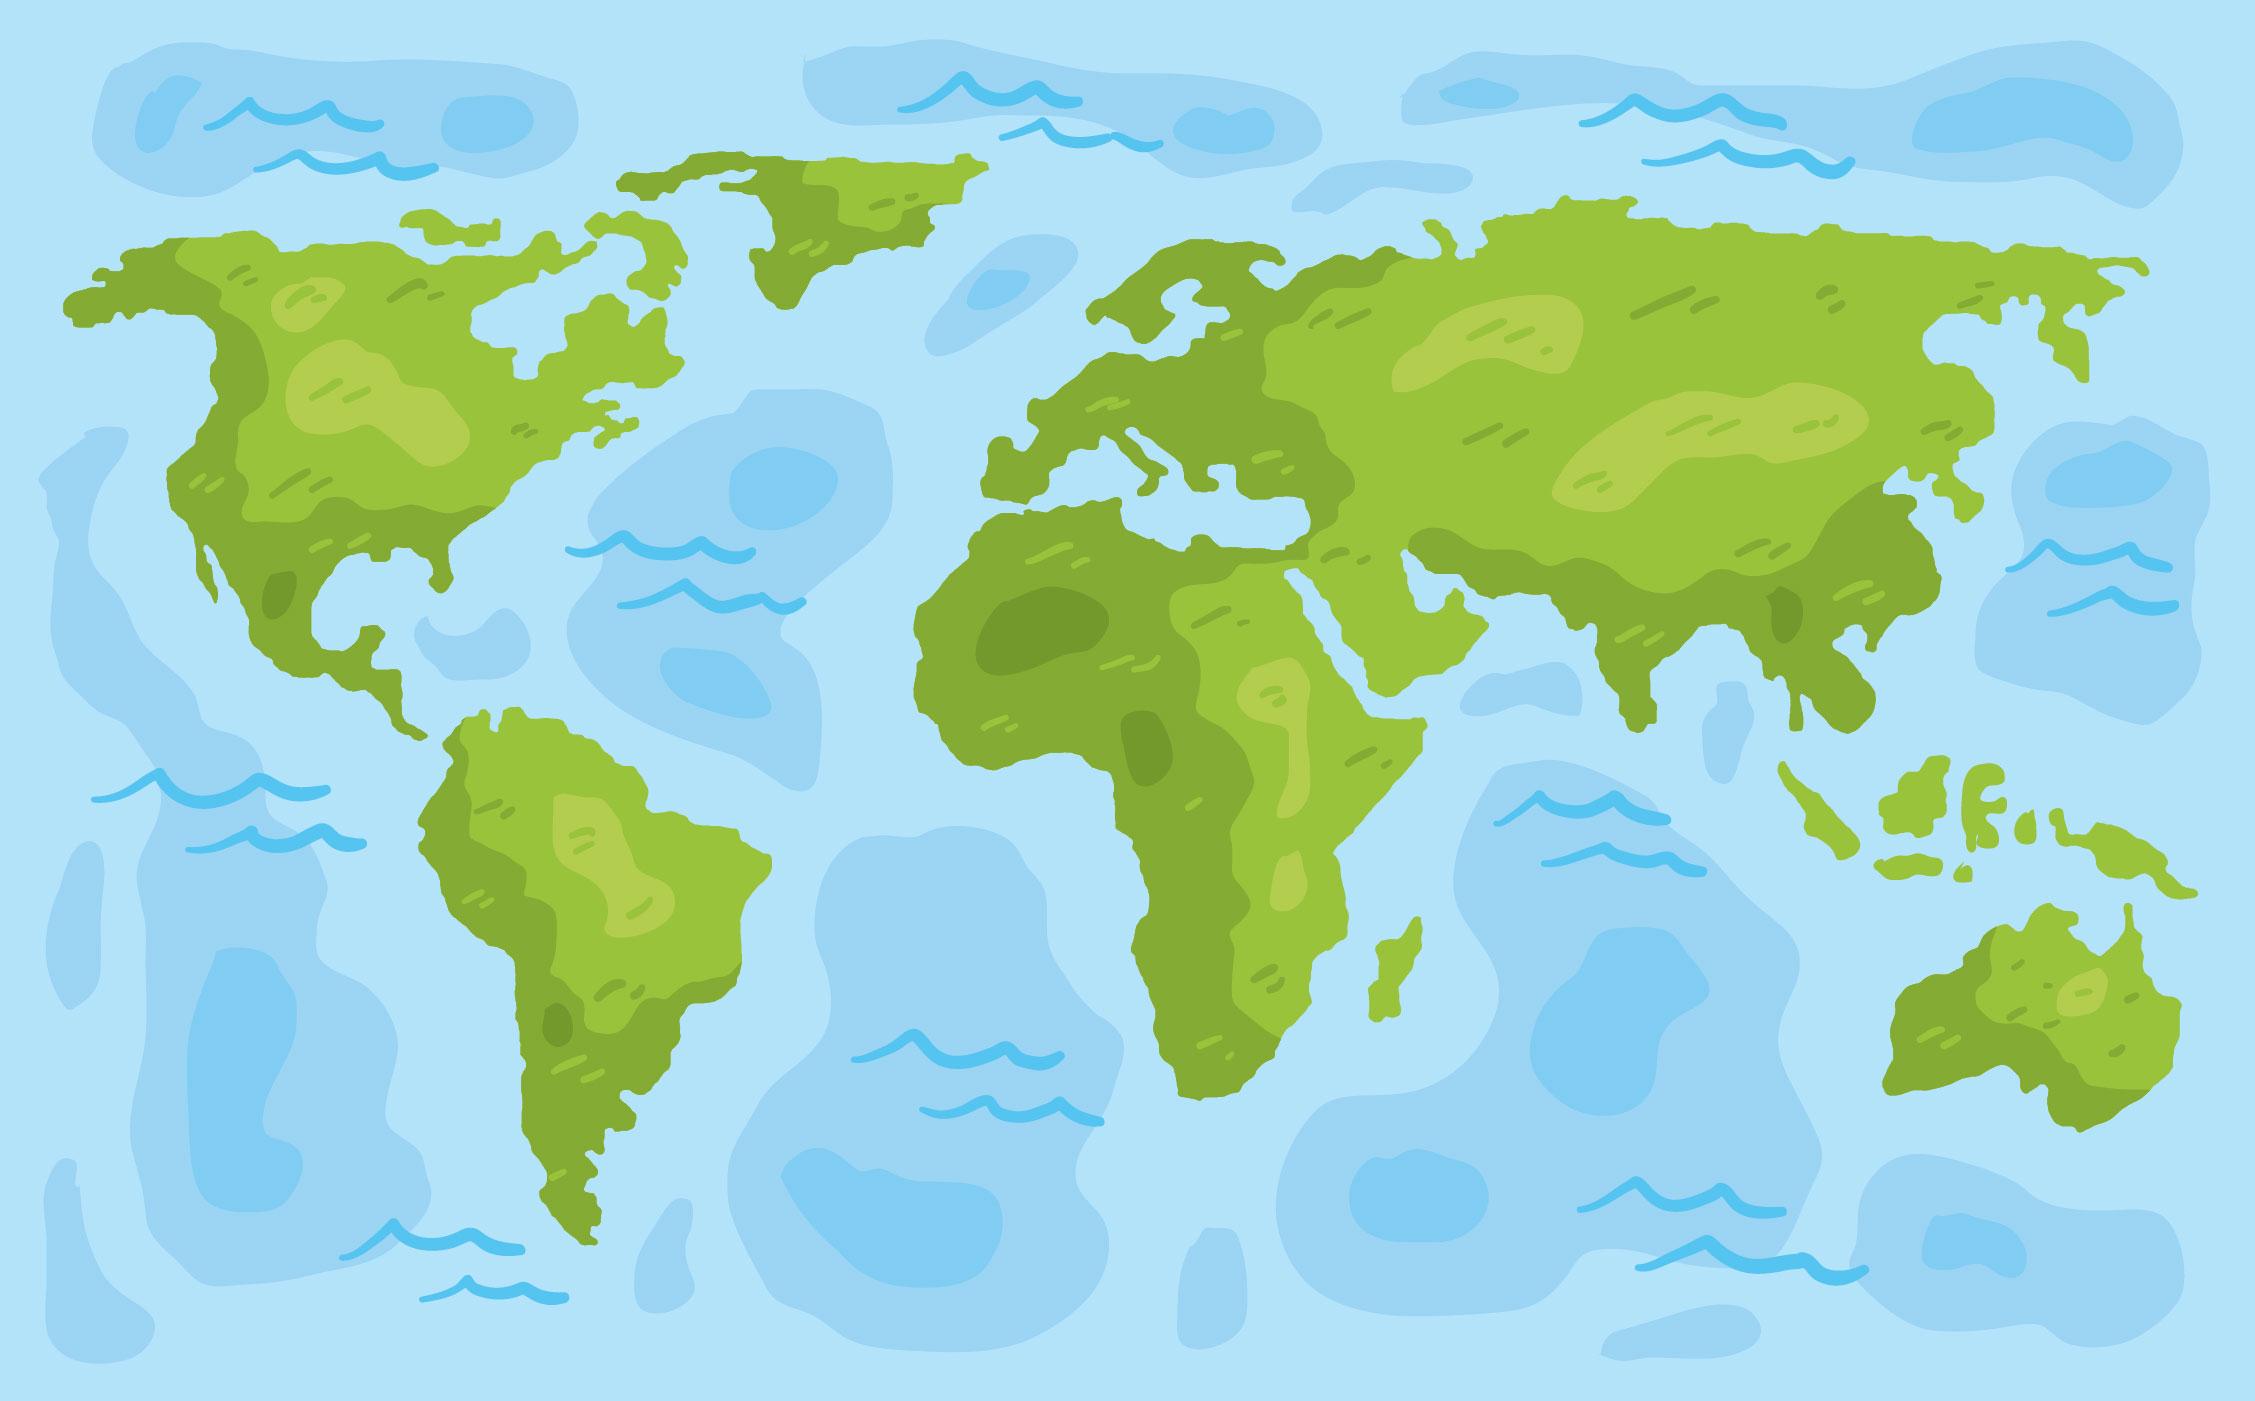 世界地圖卡通 免費下載 | 天天瘋後製